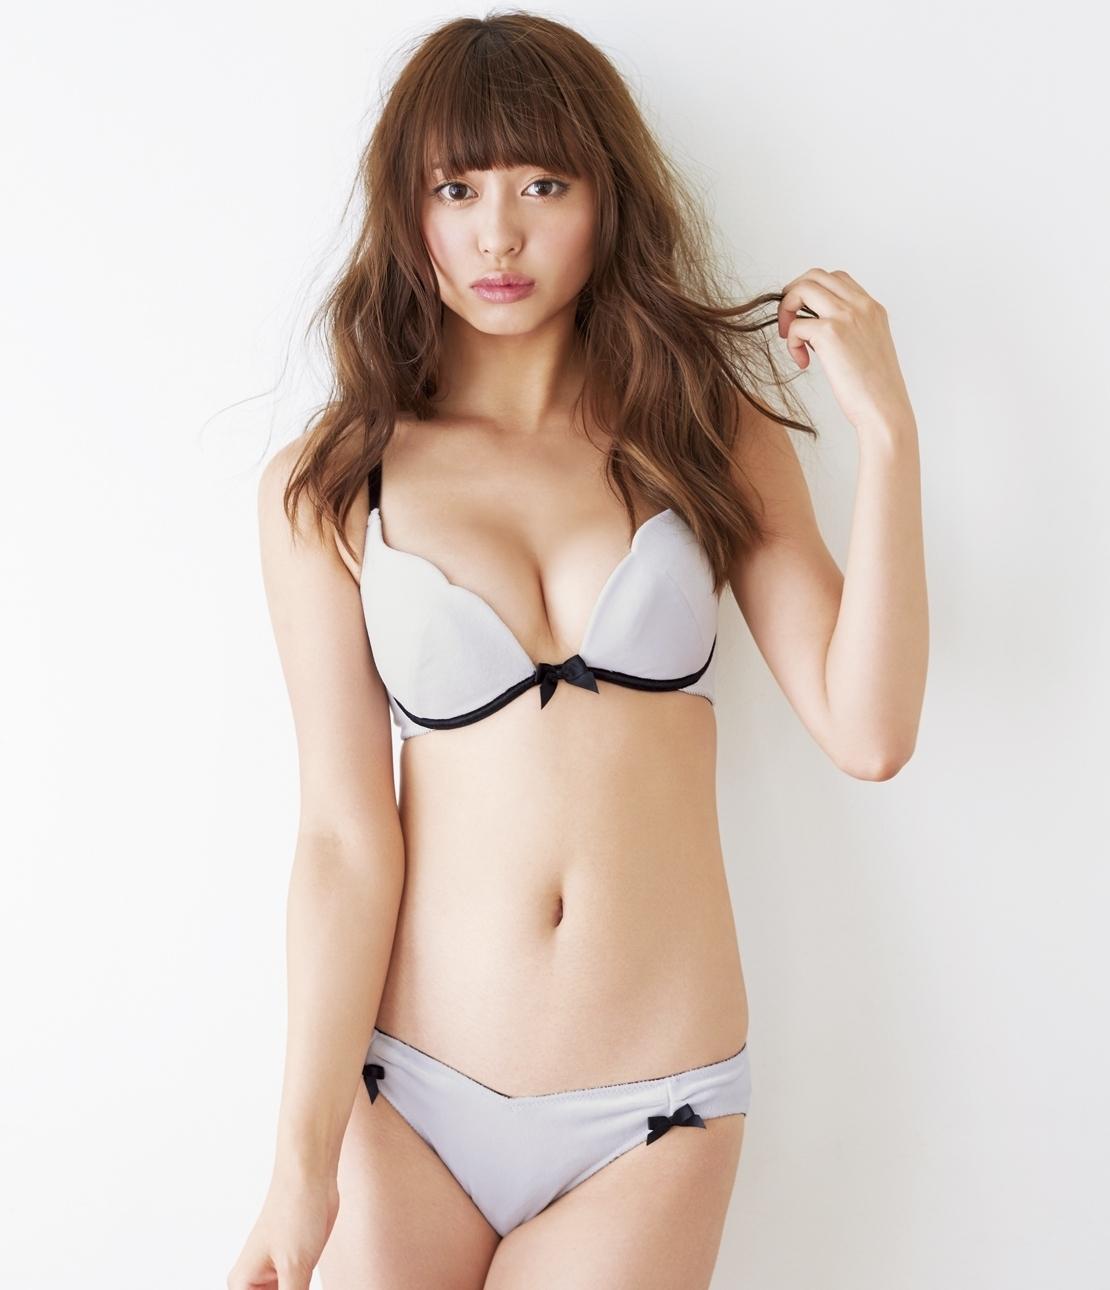 大川藍 ジョニのAKB Xライン.jpg